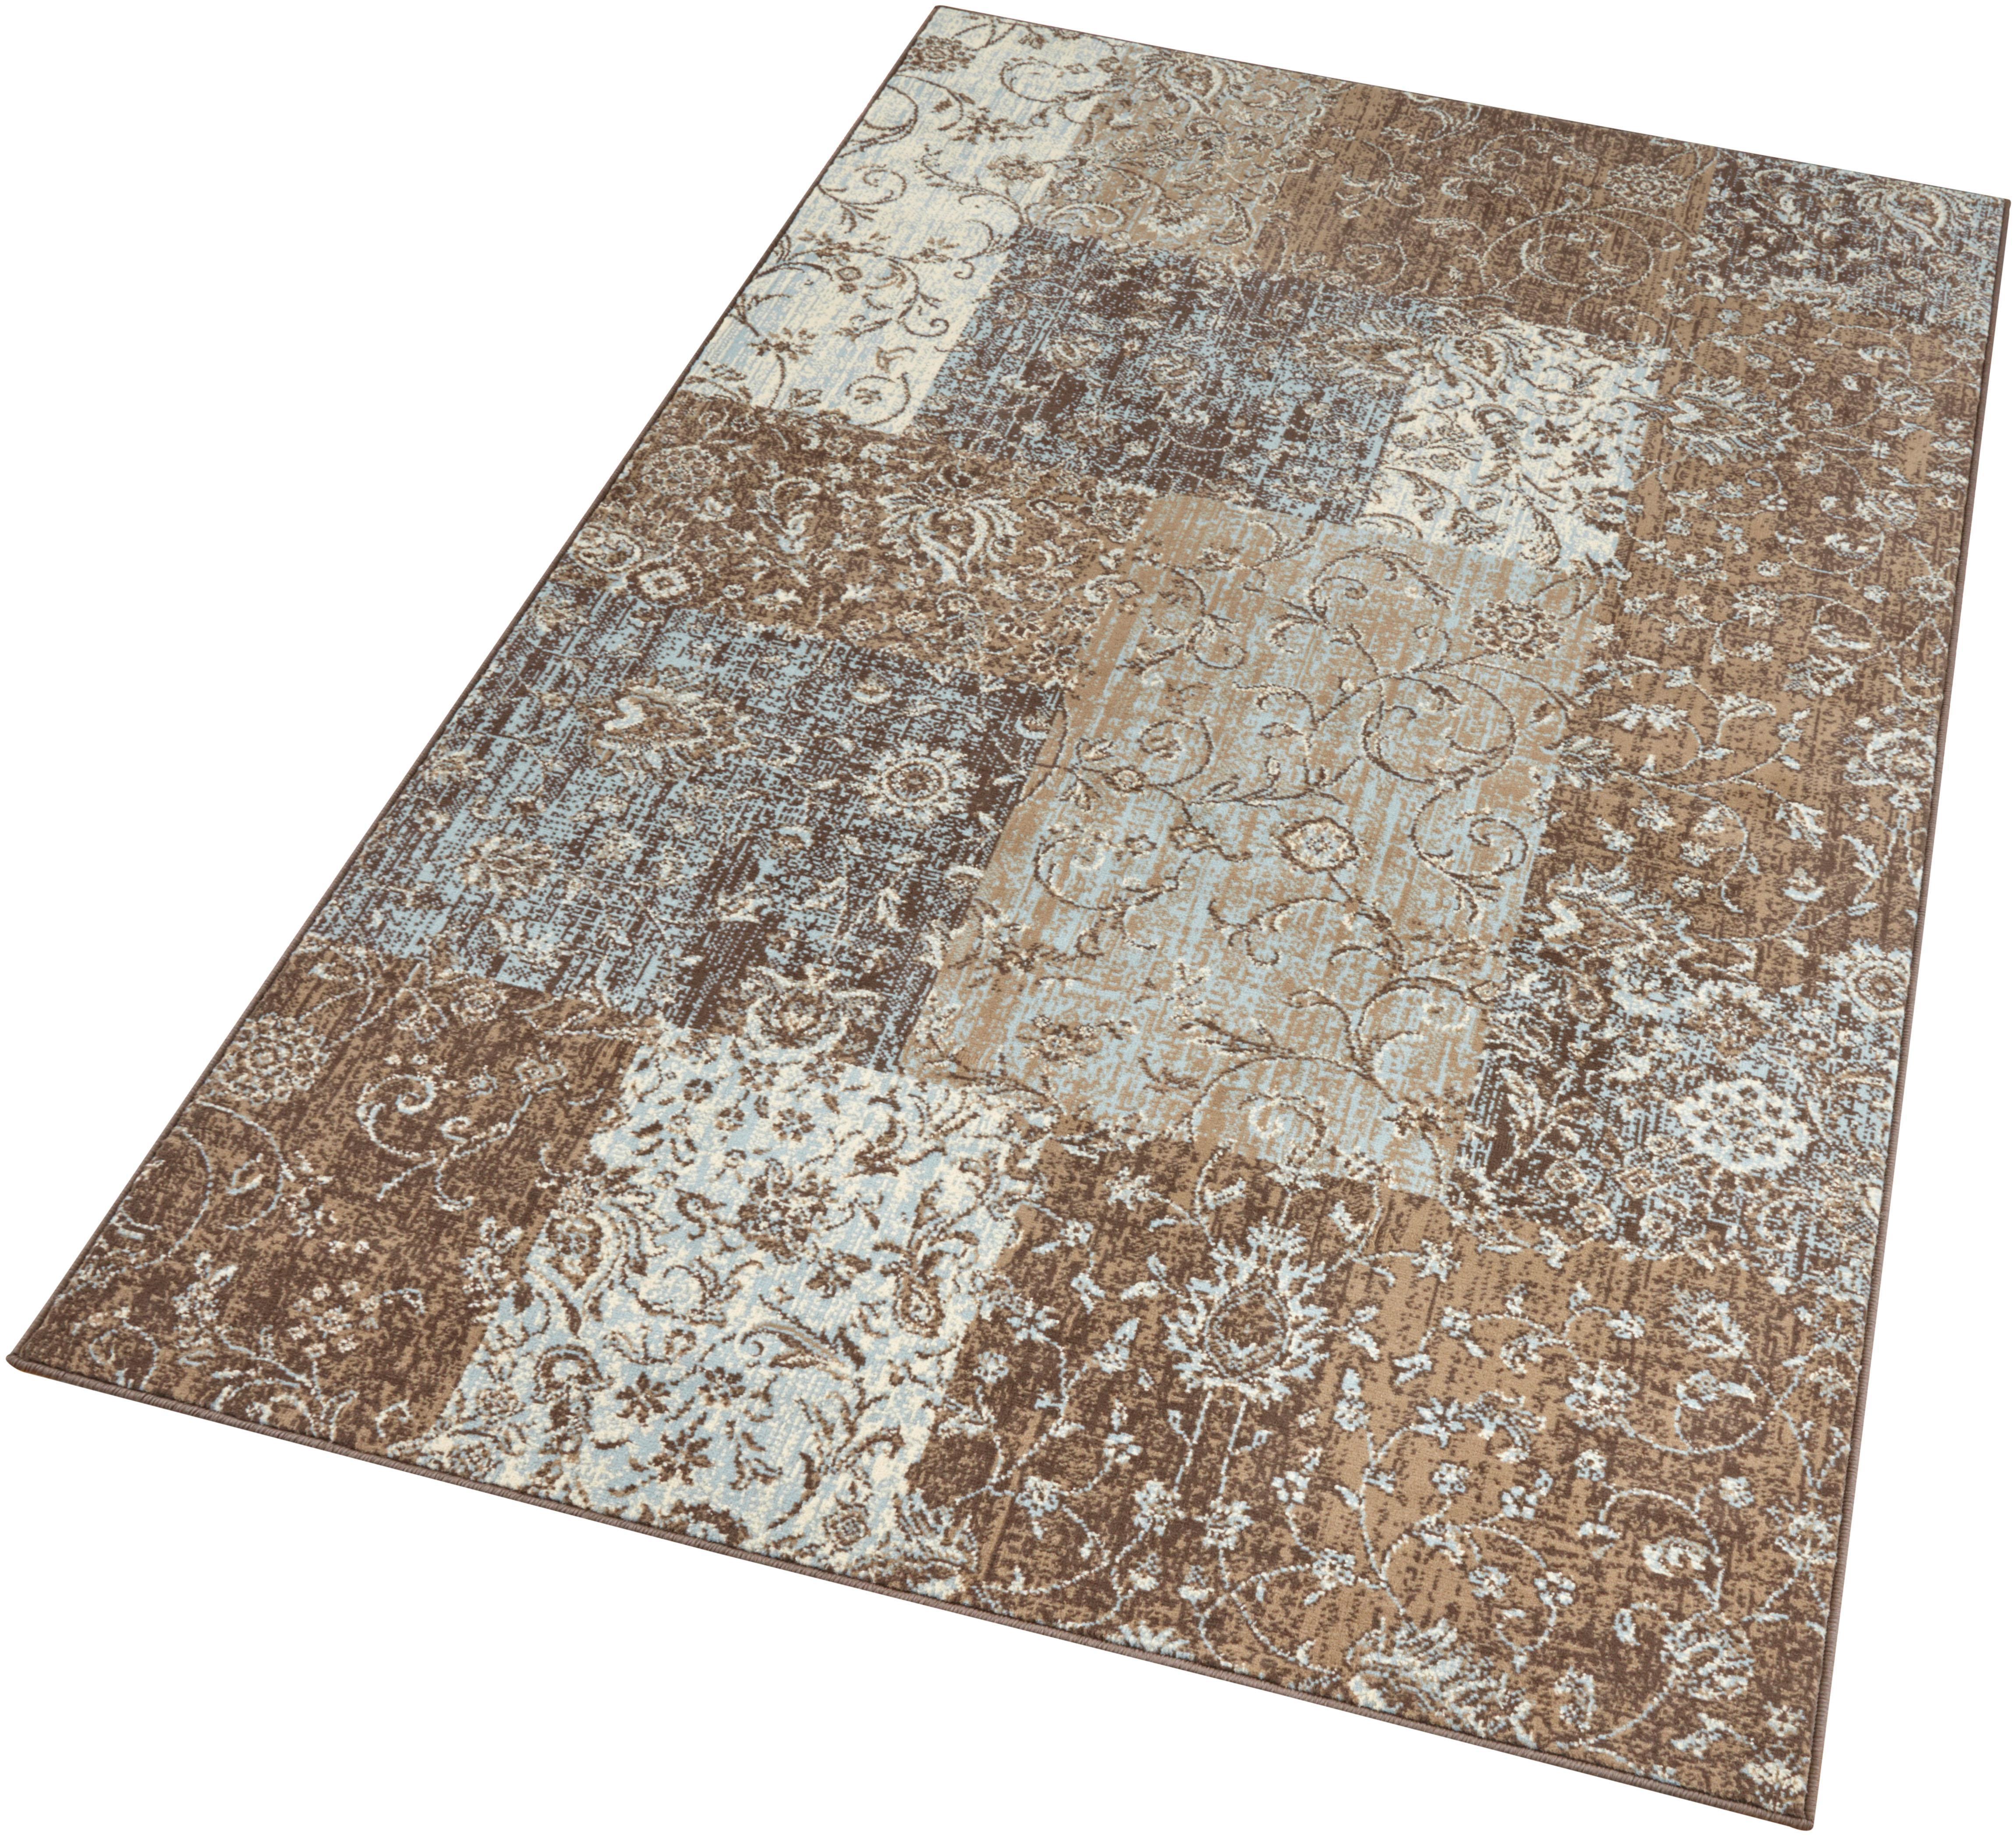 Teppich Kirie HANSE Home rechteckig Höhe 9 mm maschinell gewebt